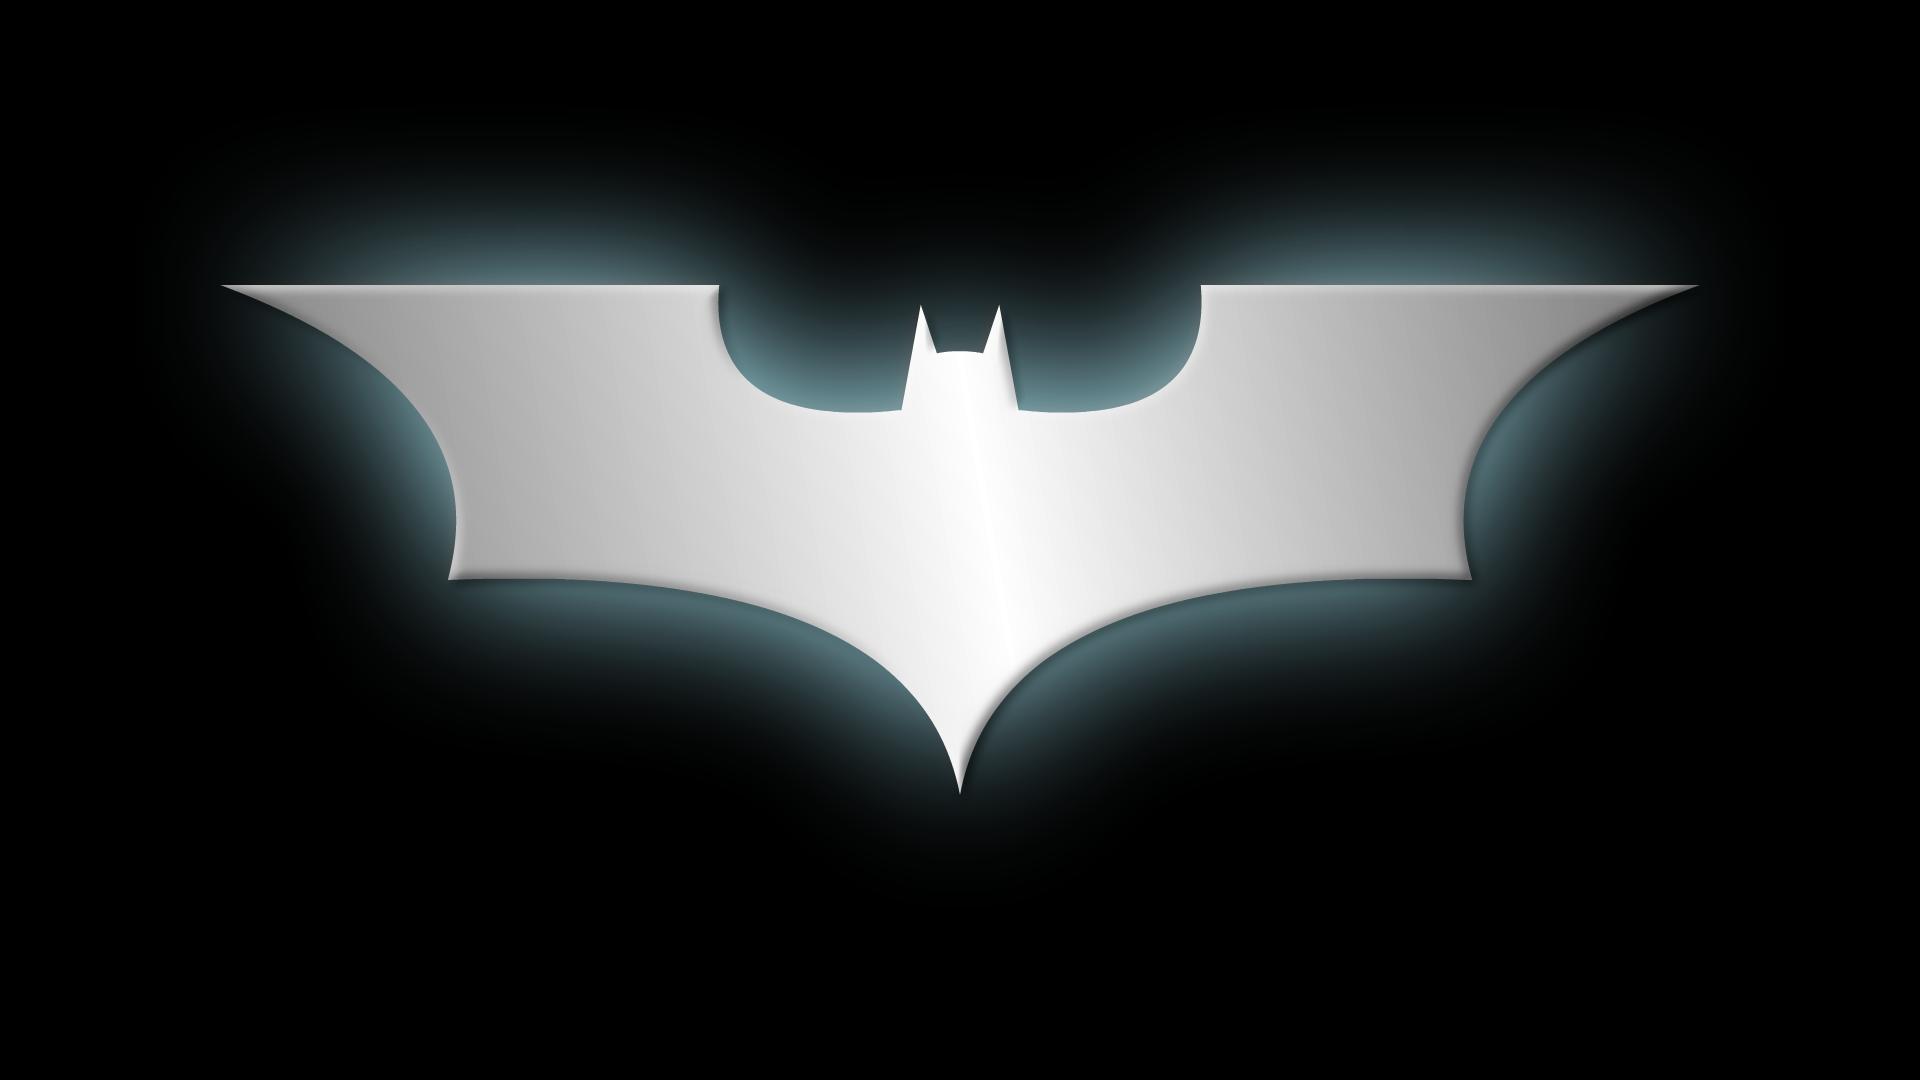 Dark Knight Symbol